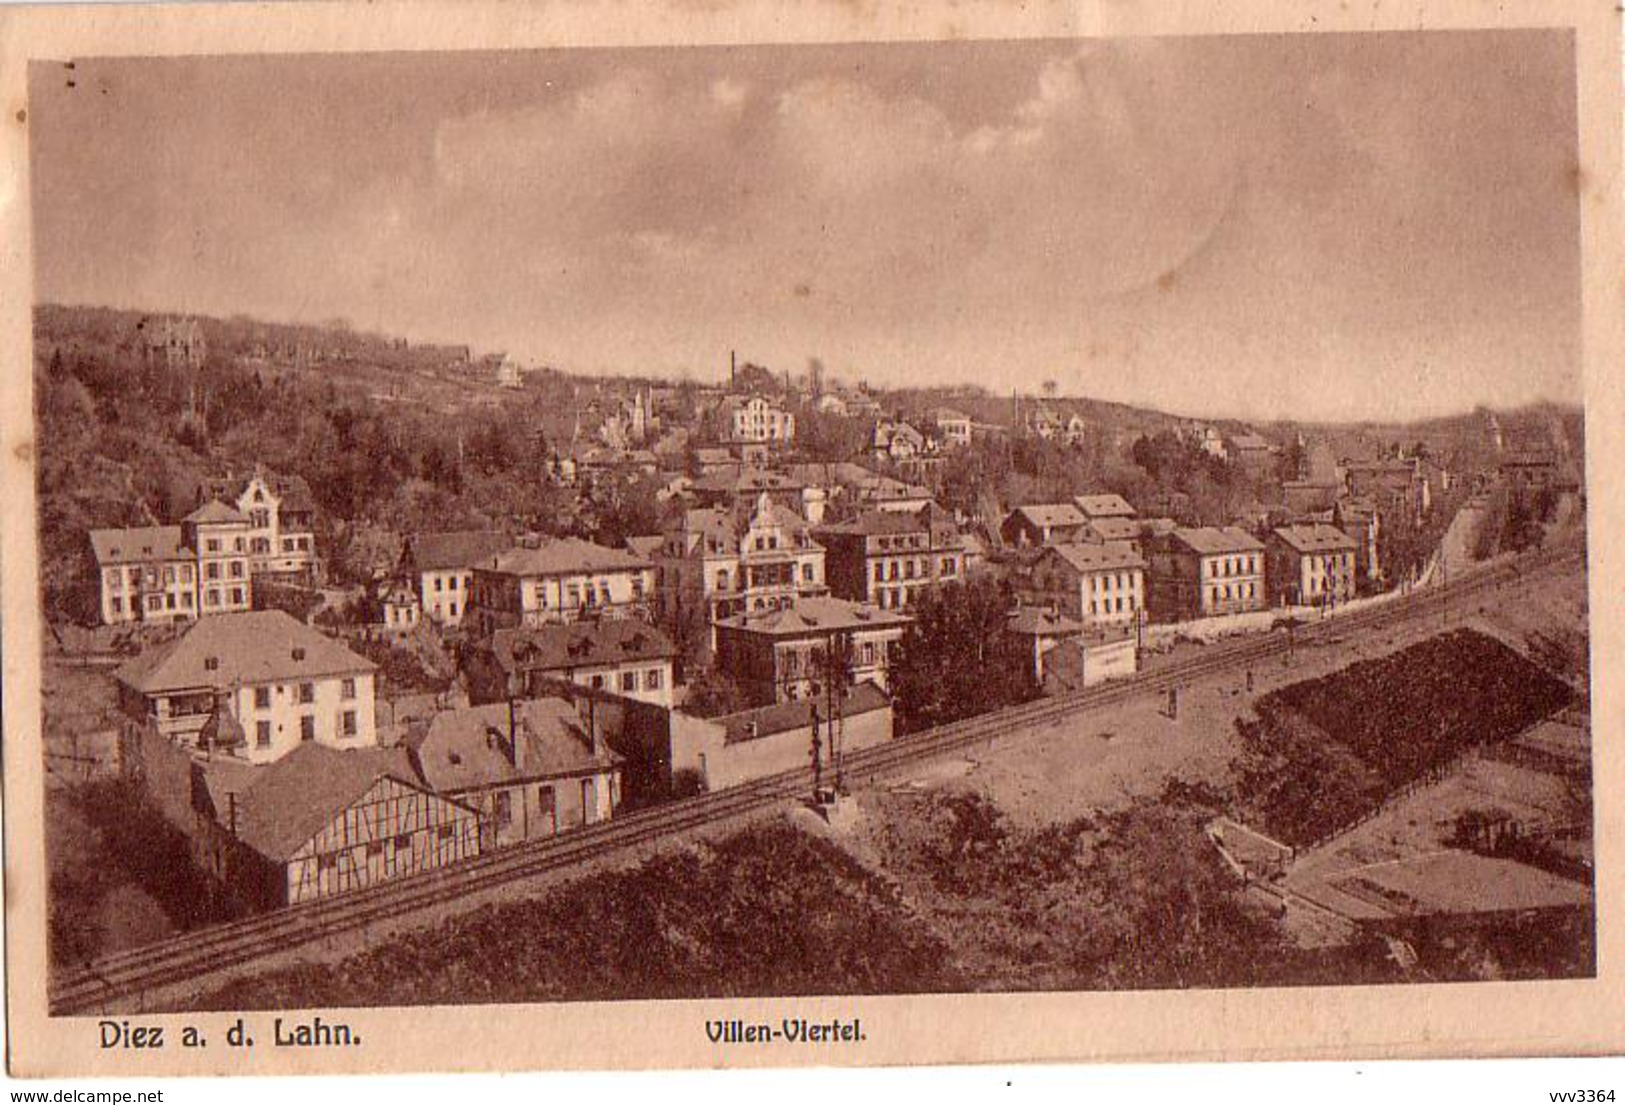 DIEZ A. D. LAHN: Villen-Viertel - Diez